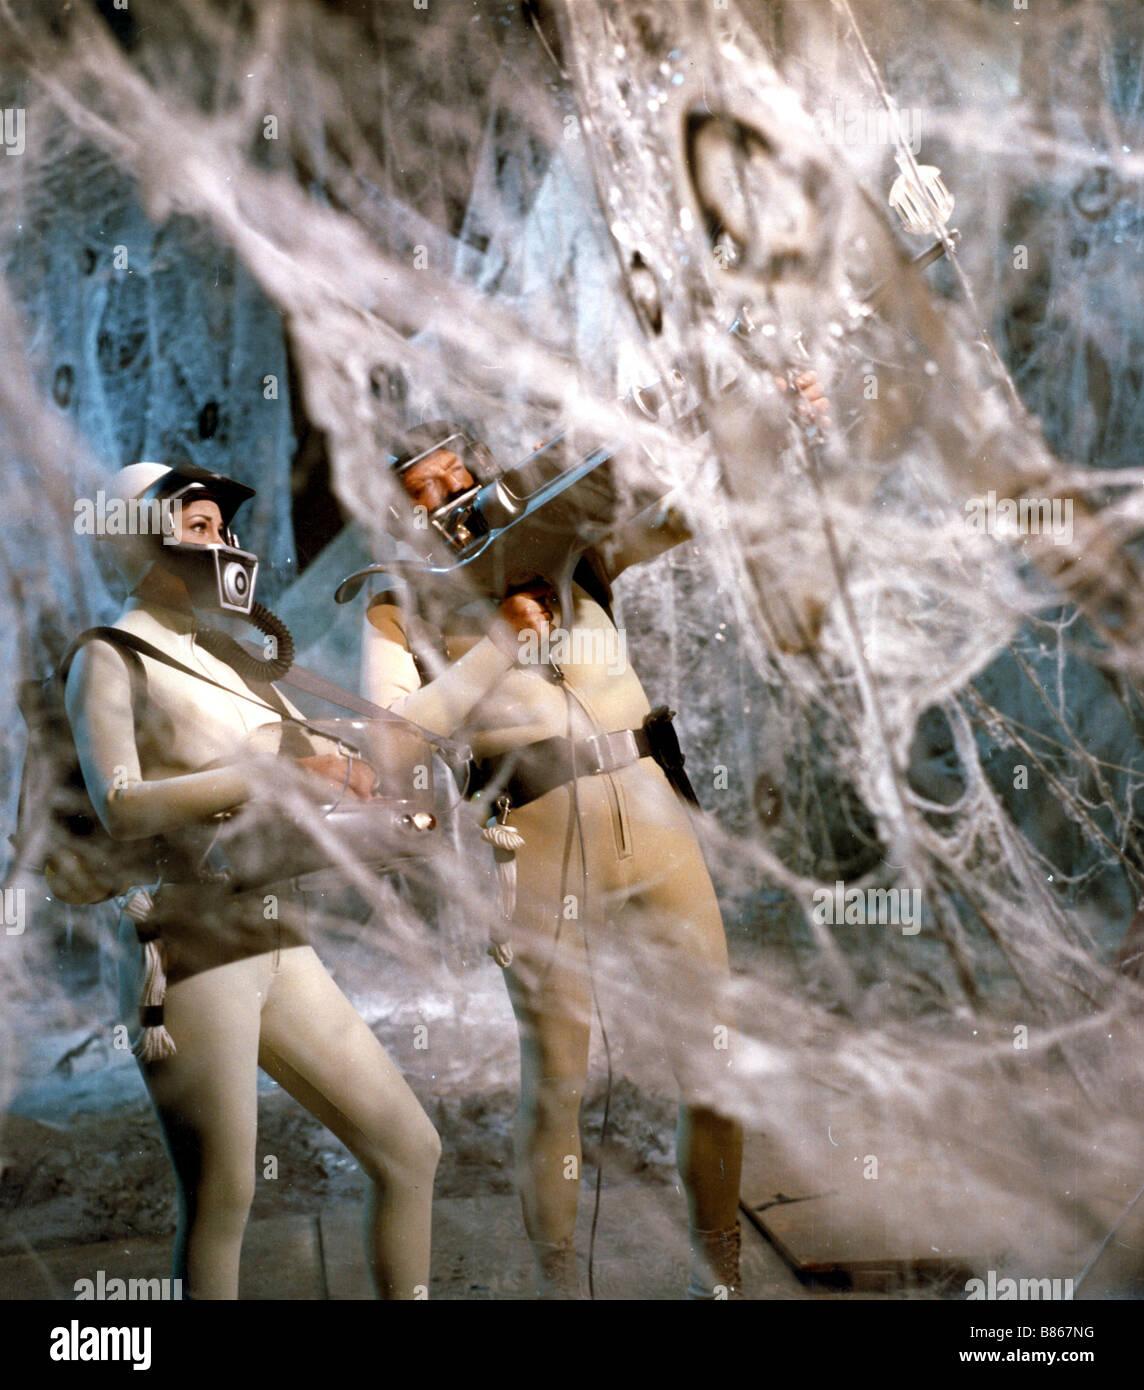 Die phantastische Reise Jahr: 1966 - USA Raquel Welch Regisseur: Richard Fleischer Stockbild